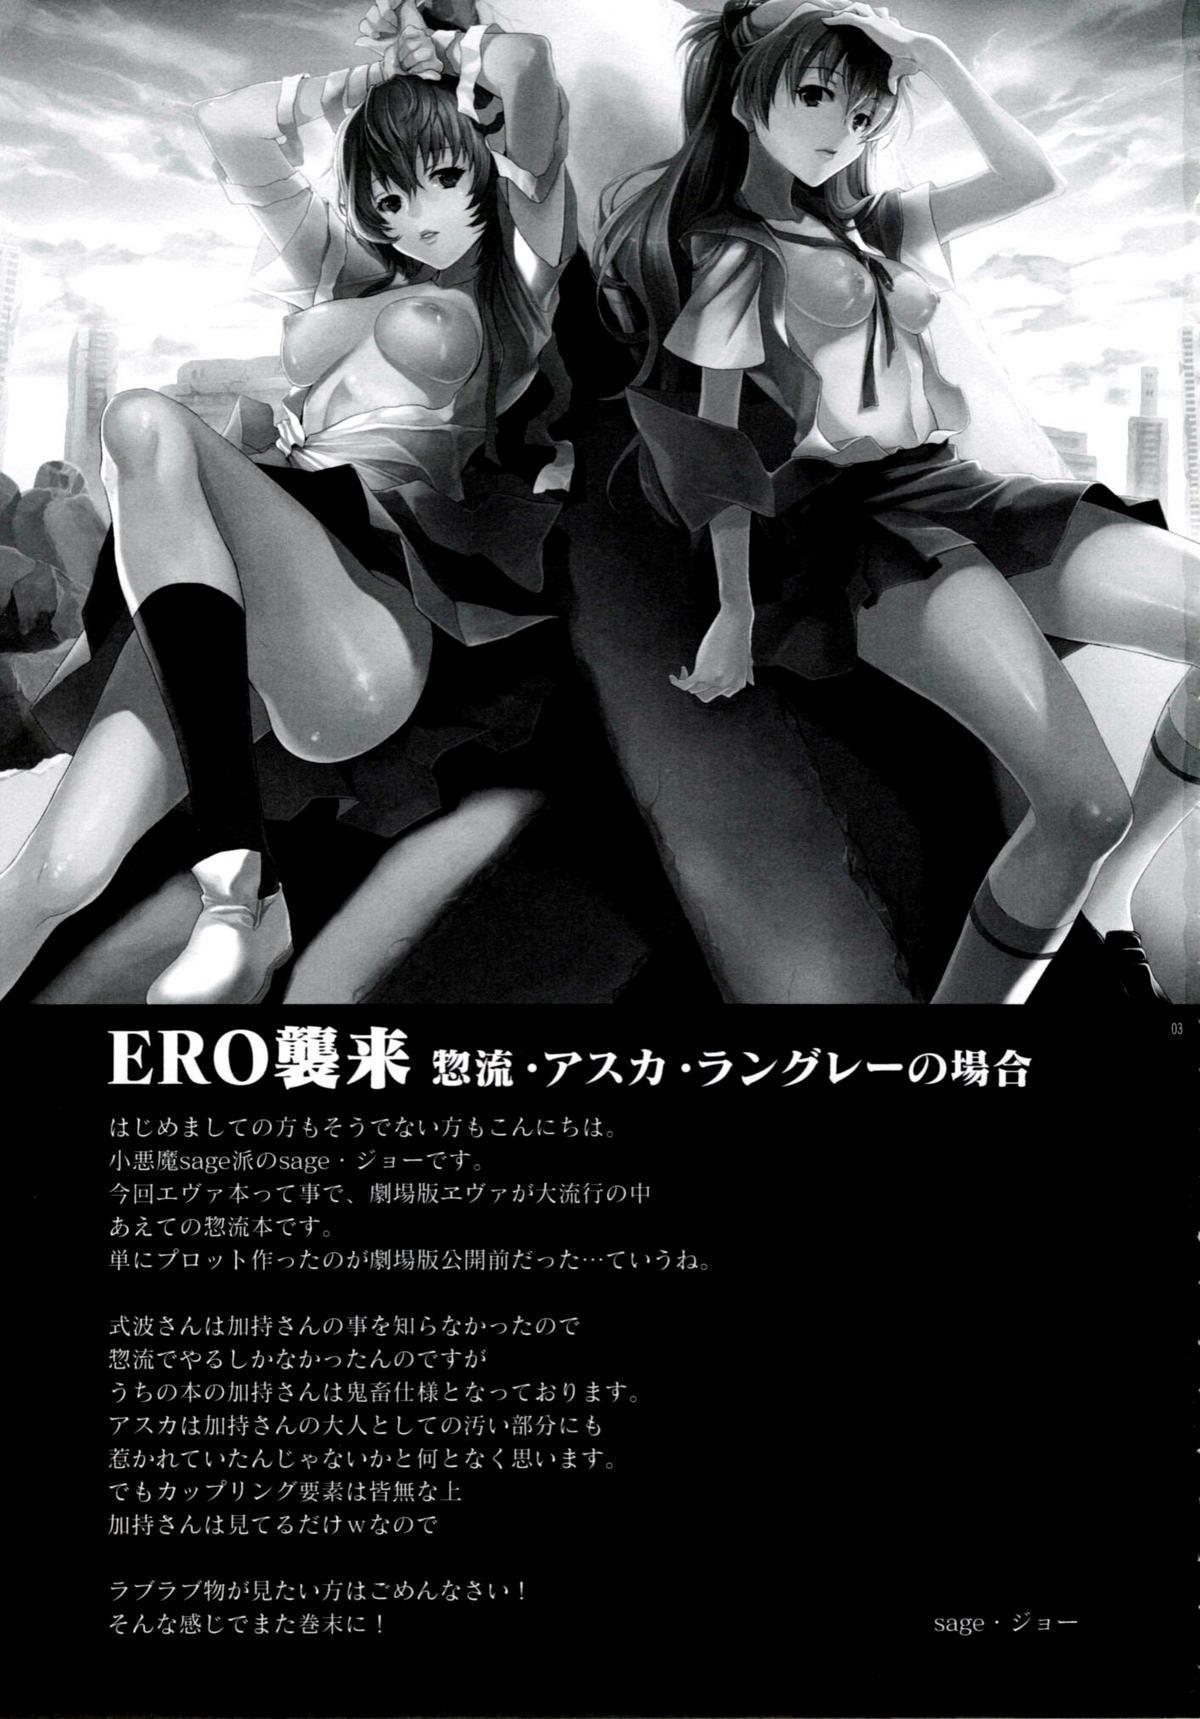 ERO shuurai soryu・asuka・langley no baai 1